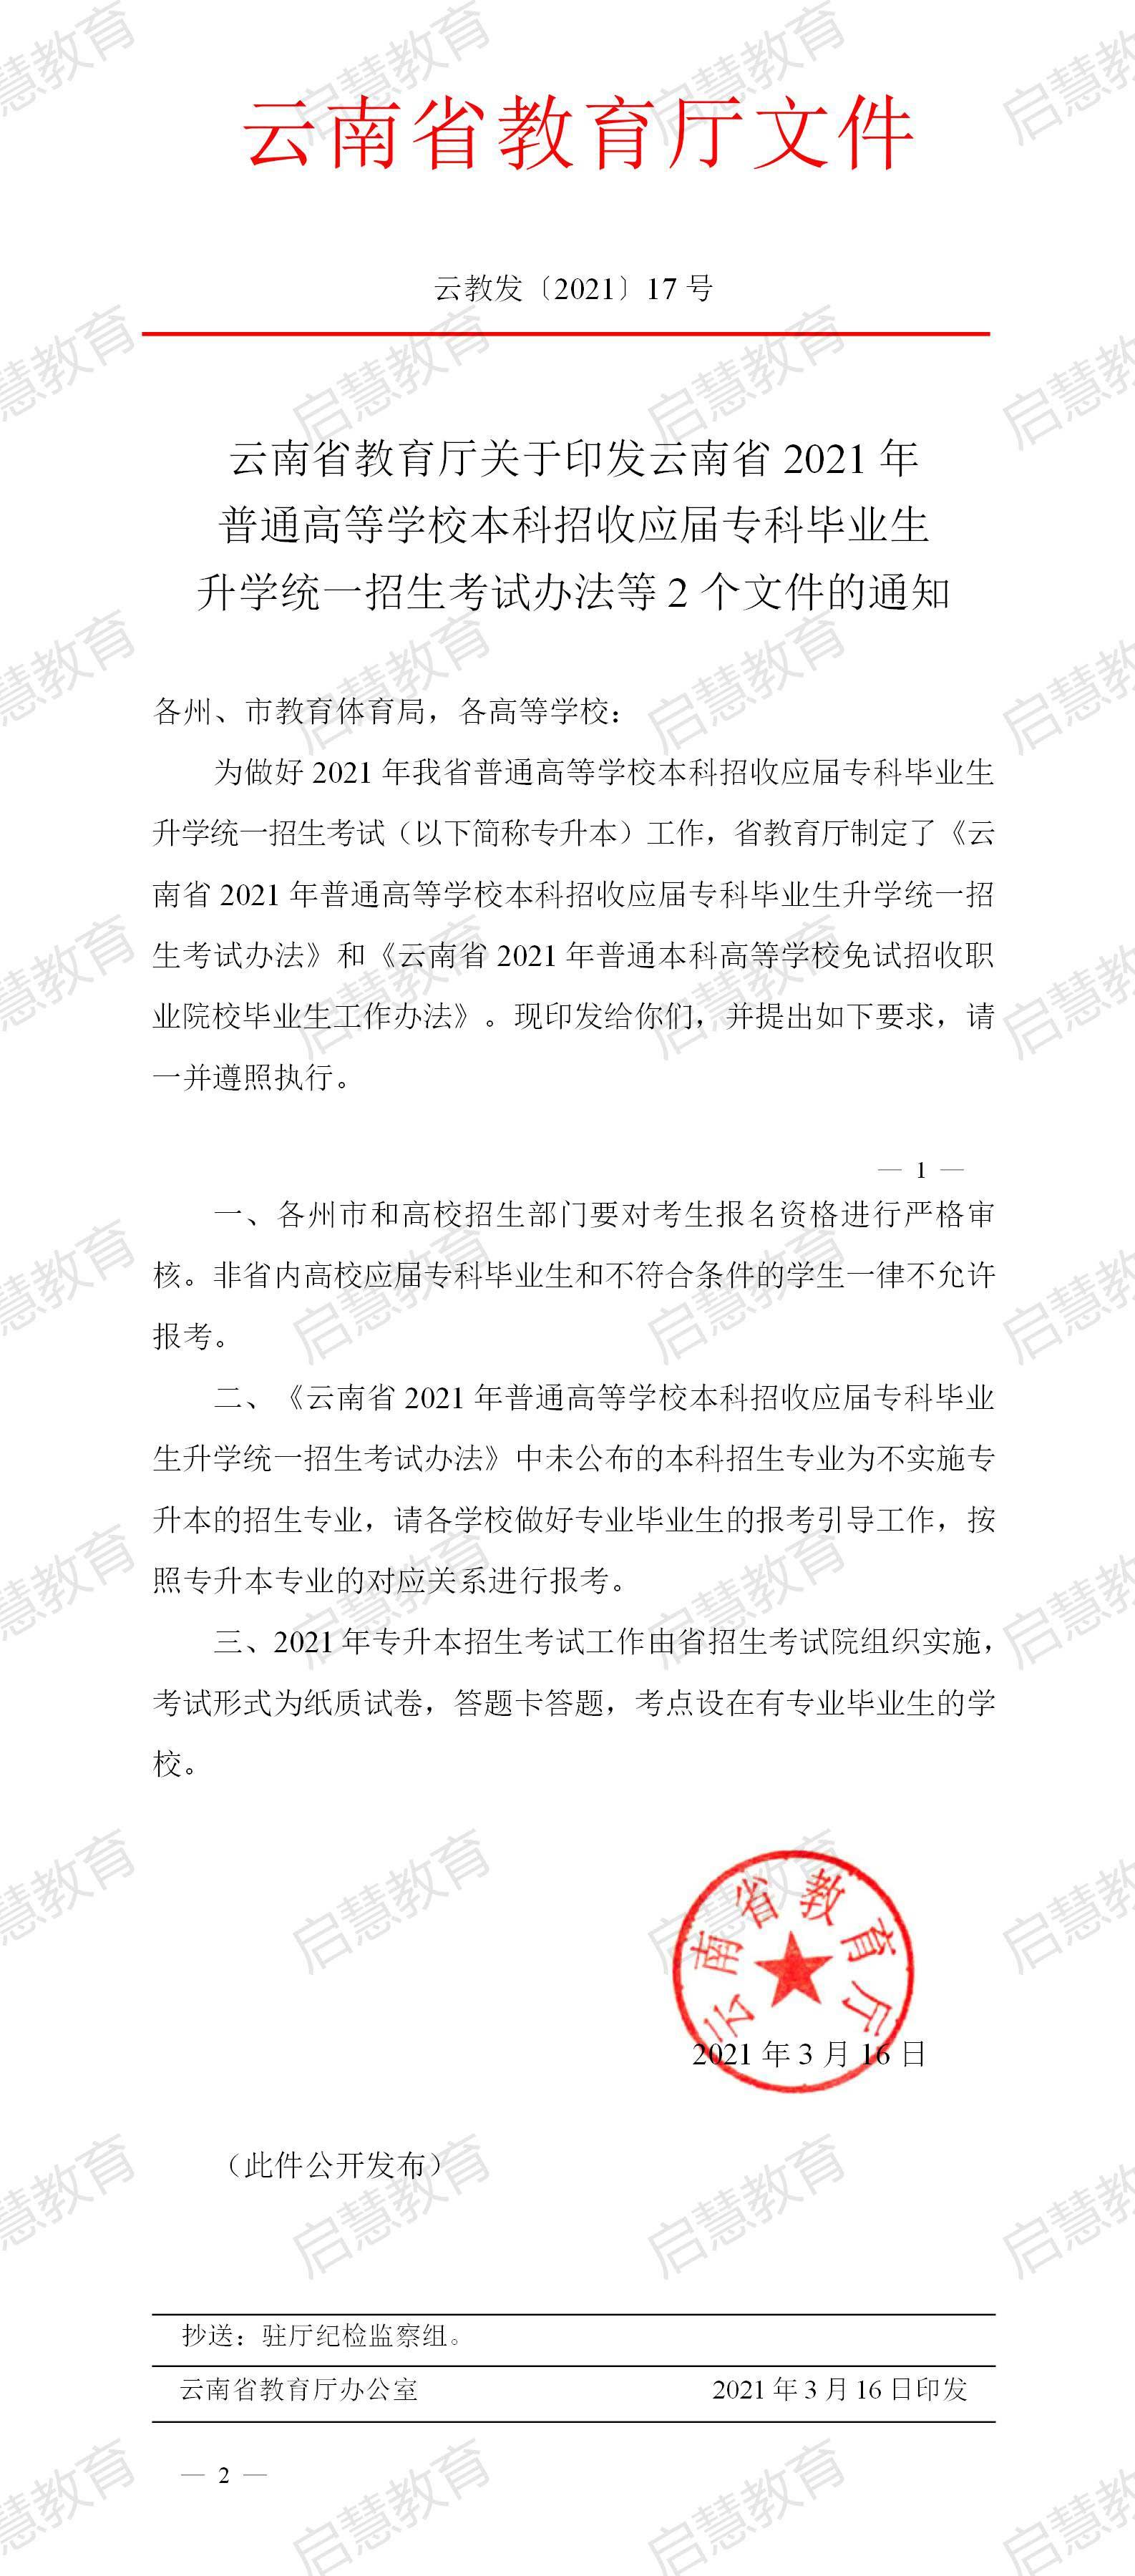 云南省教育厅关于印发云南省2021年普通高等学校本科招收应届毕业生升学统一招生考试办法等2个文件的通知